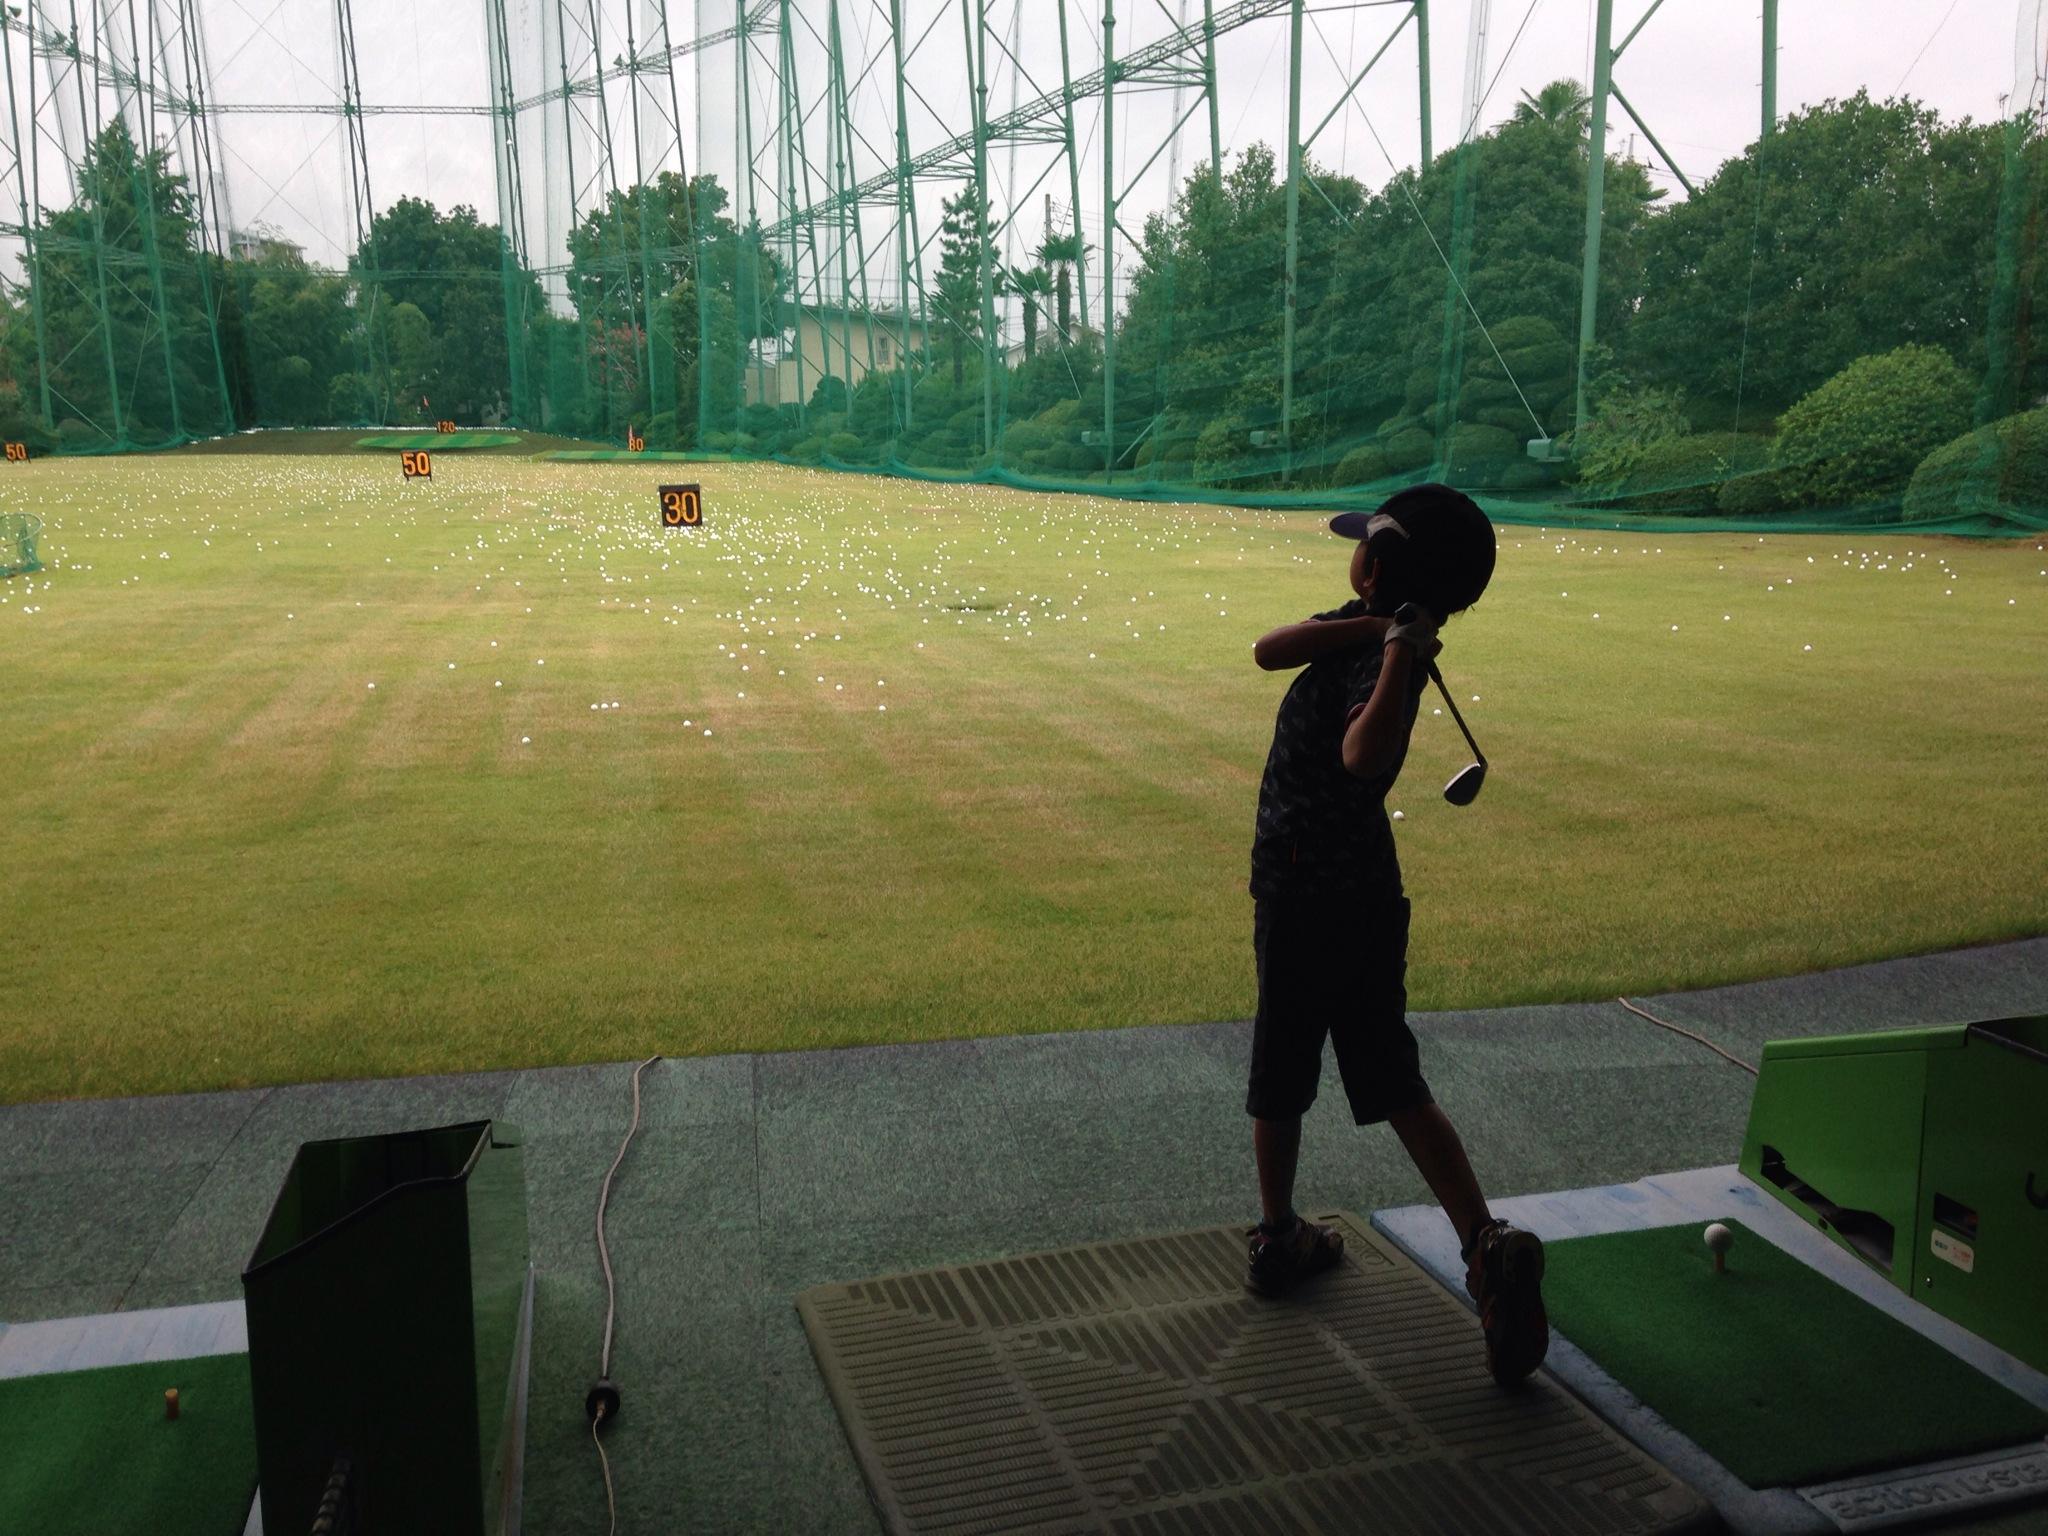 アサカグリーンゴルフ。朝霞パブリックゴルフ場からたぶん一番近く、ラウンド前の練習にも使える練習場